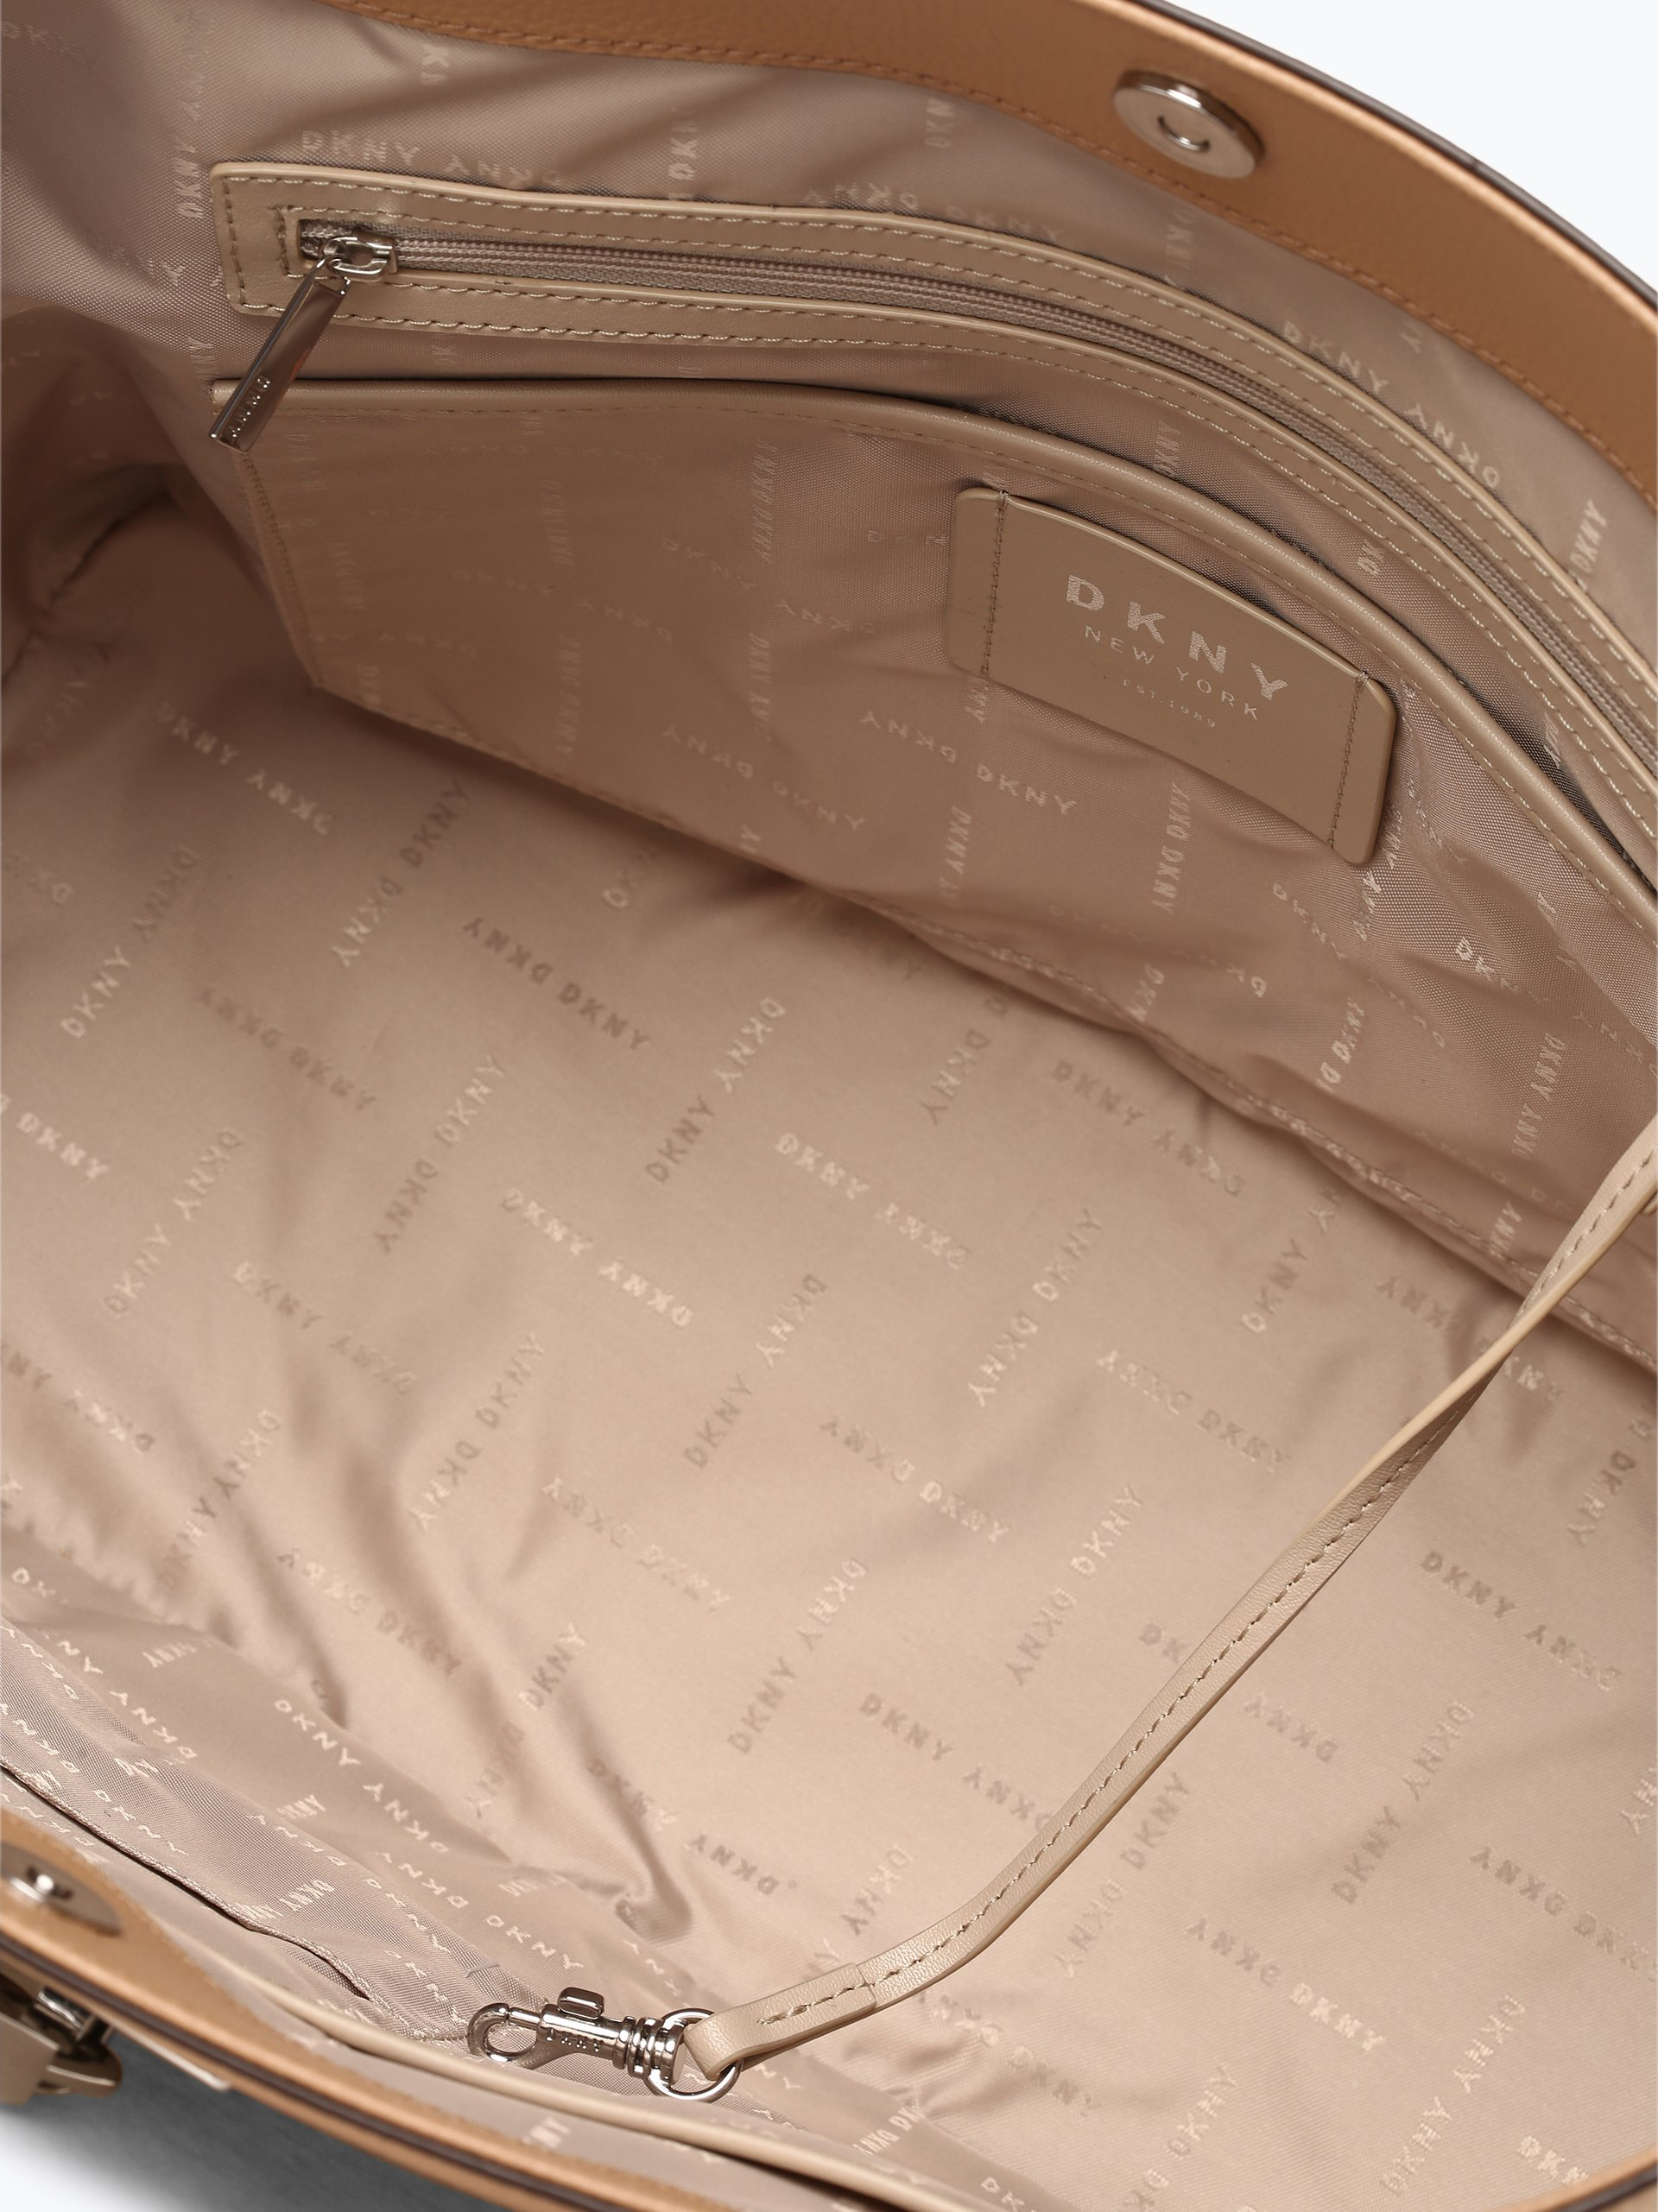 DKNY Damska torba shopper ze skóry – Elissa